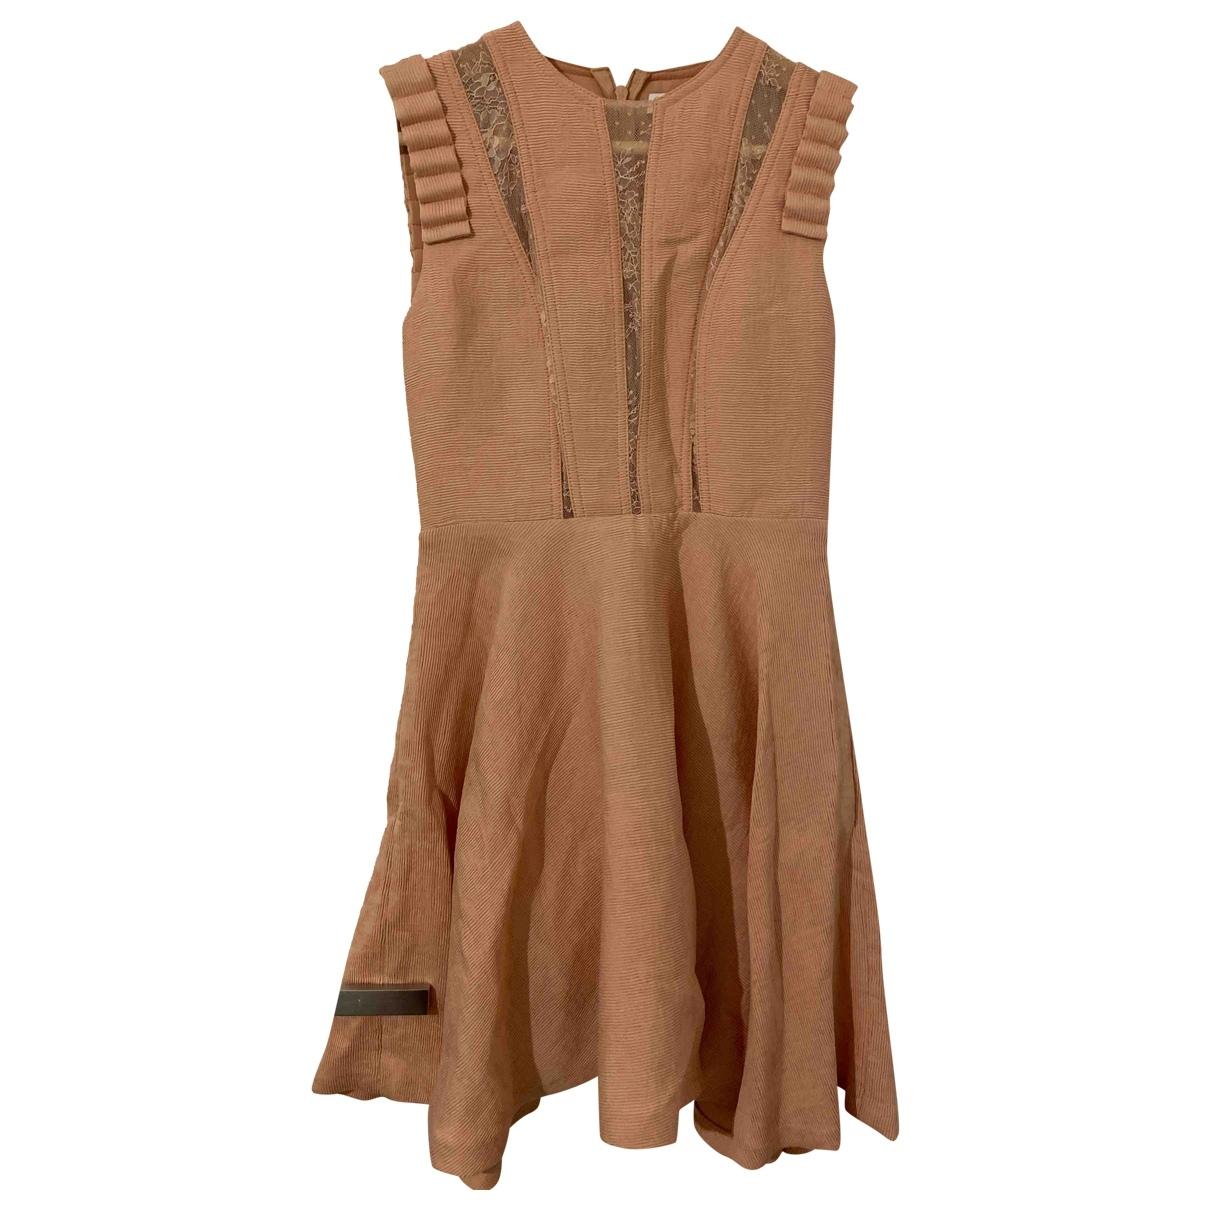 Sandro \N Pink dress for Women 34 FR